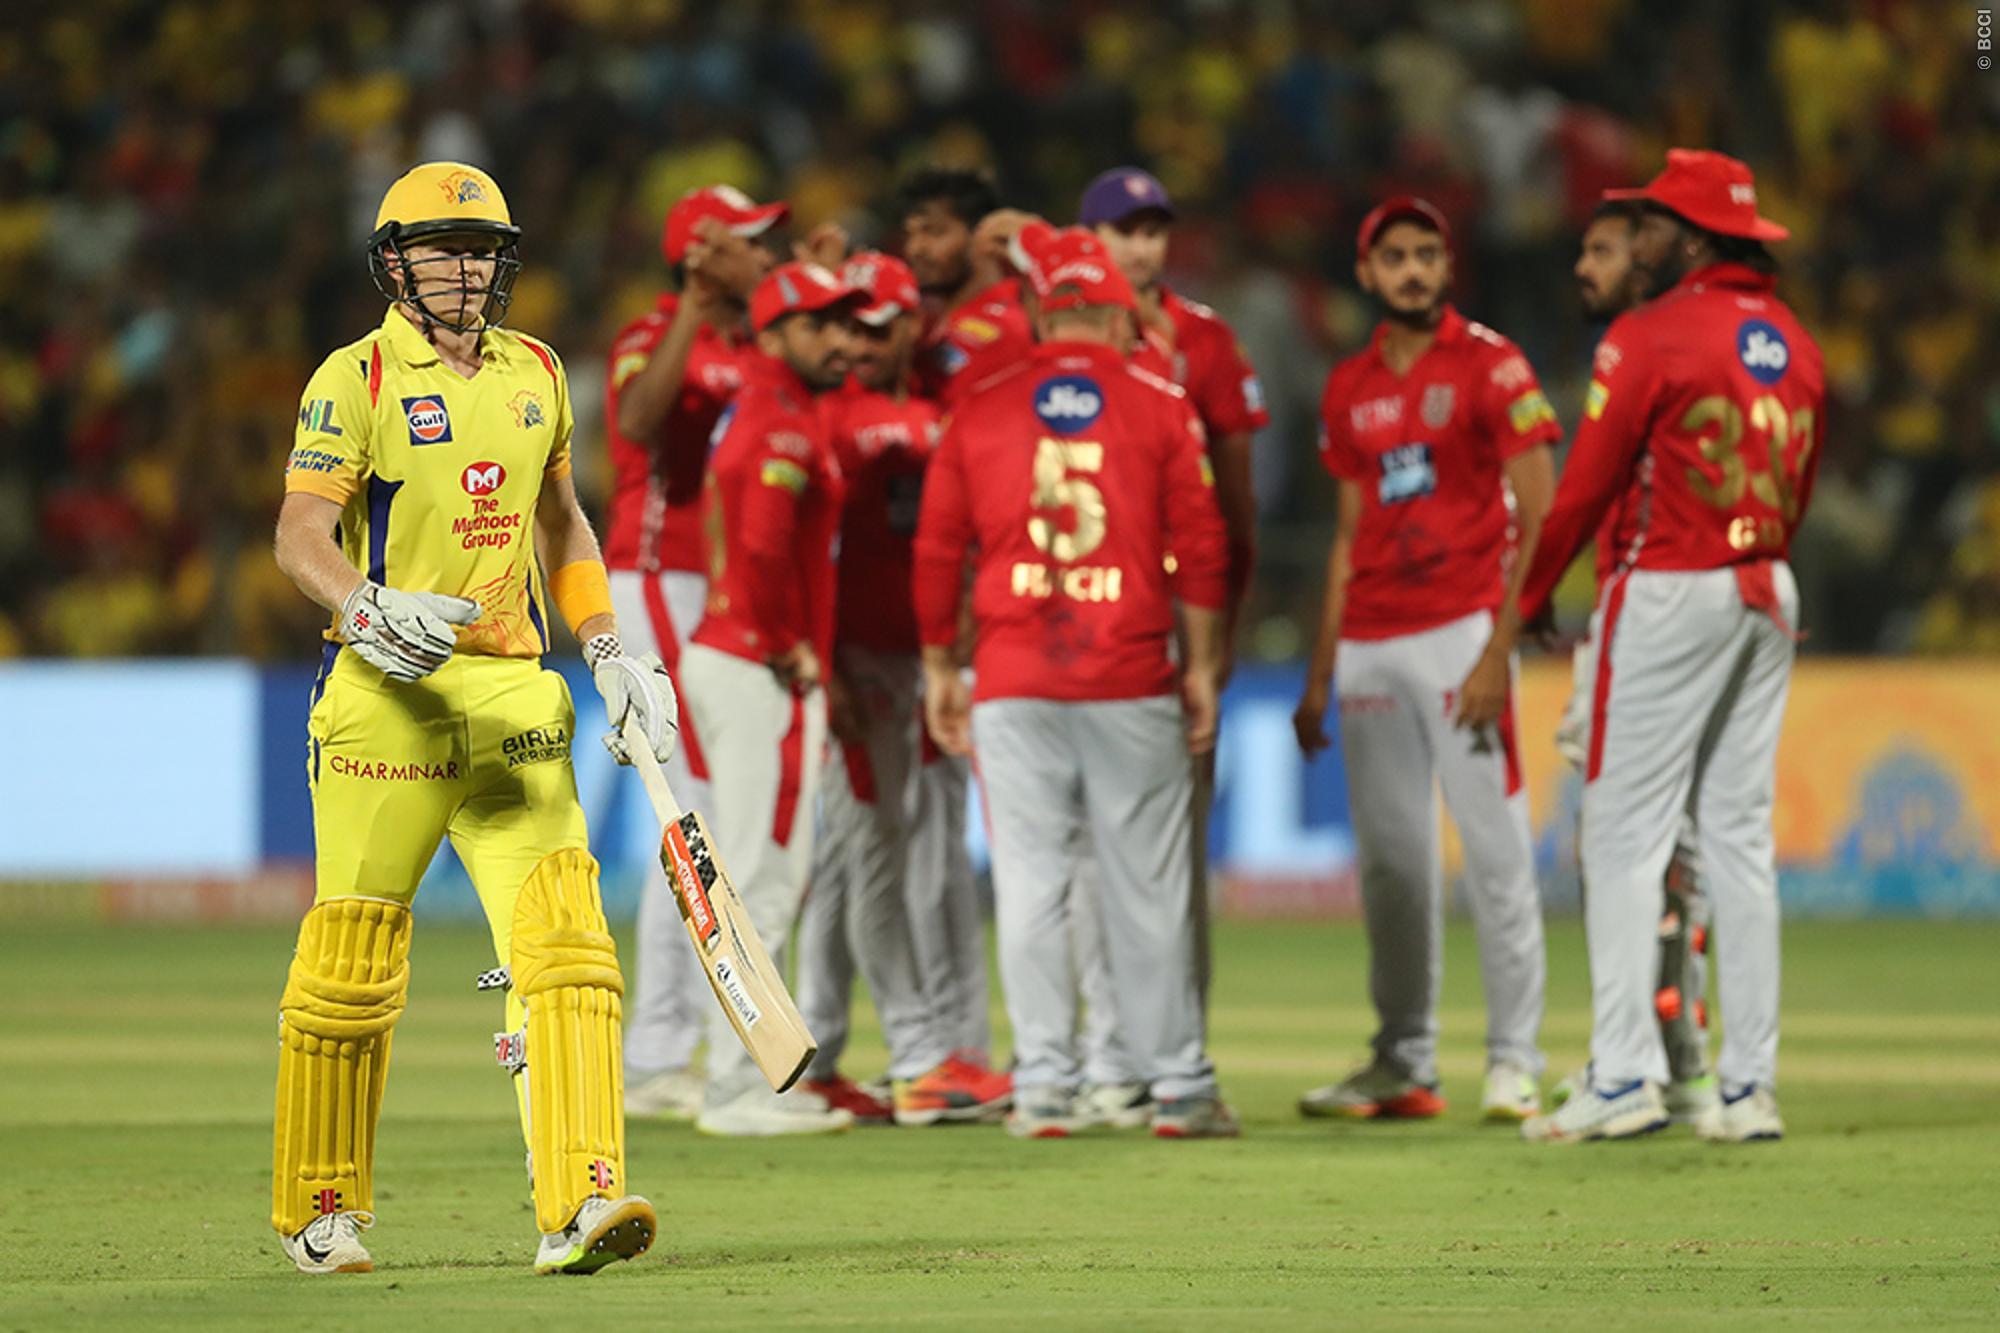 किसने क्या कहा : चेन्नई की जीत के बाद ट्विटर पर छाये धोनी, रैना, तो वही अश्विन का कुछ इस तरह उड़ाया लोगो ने मजाक 14